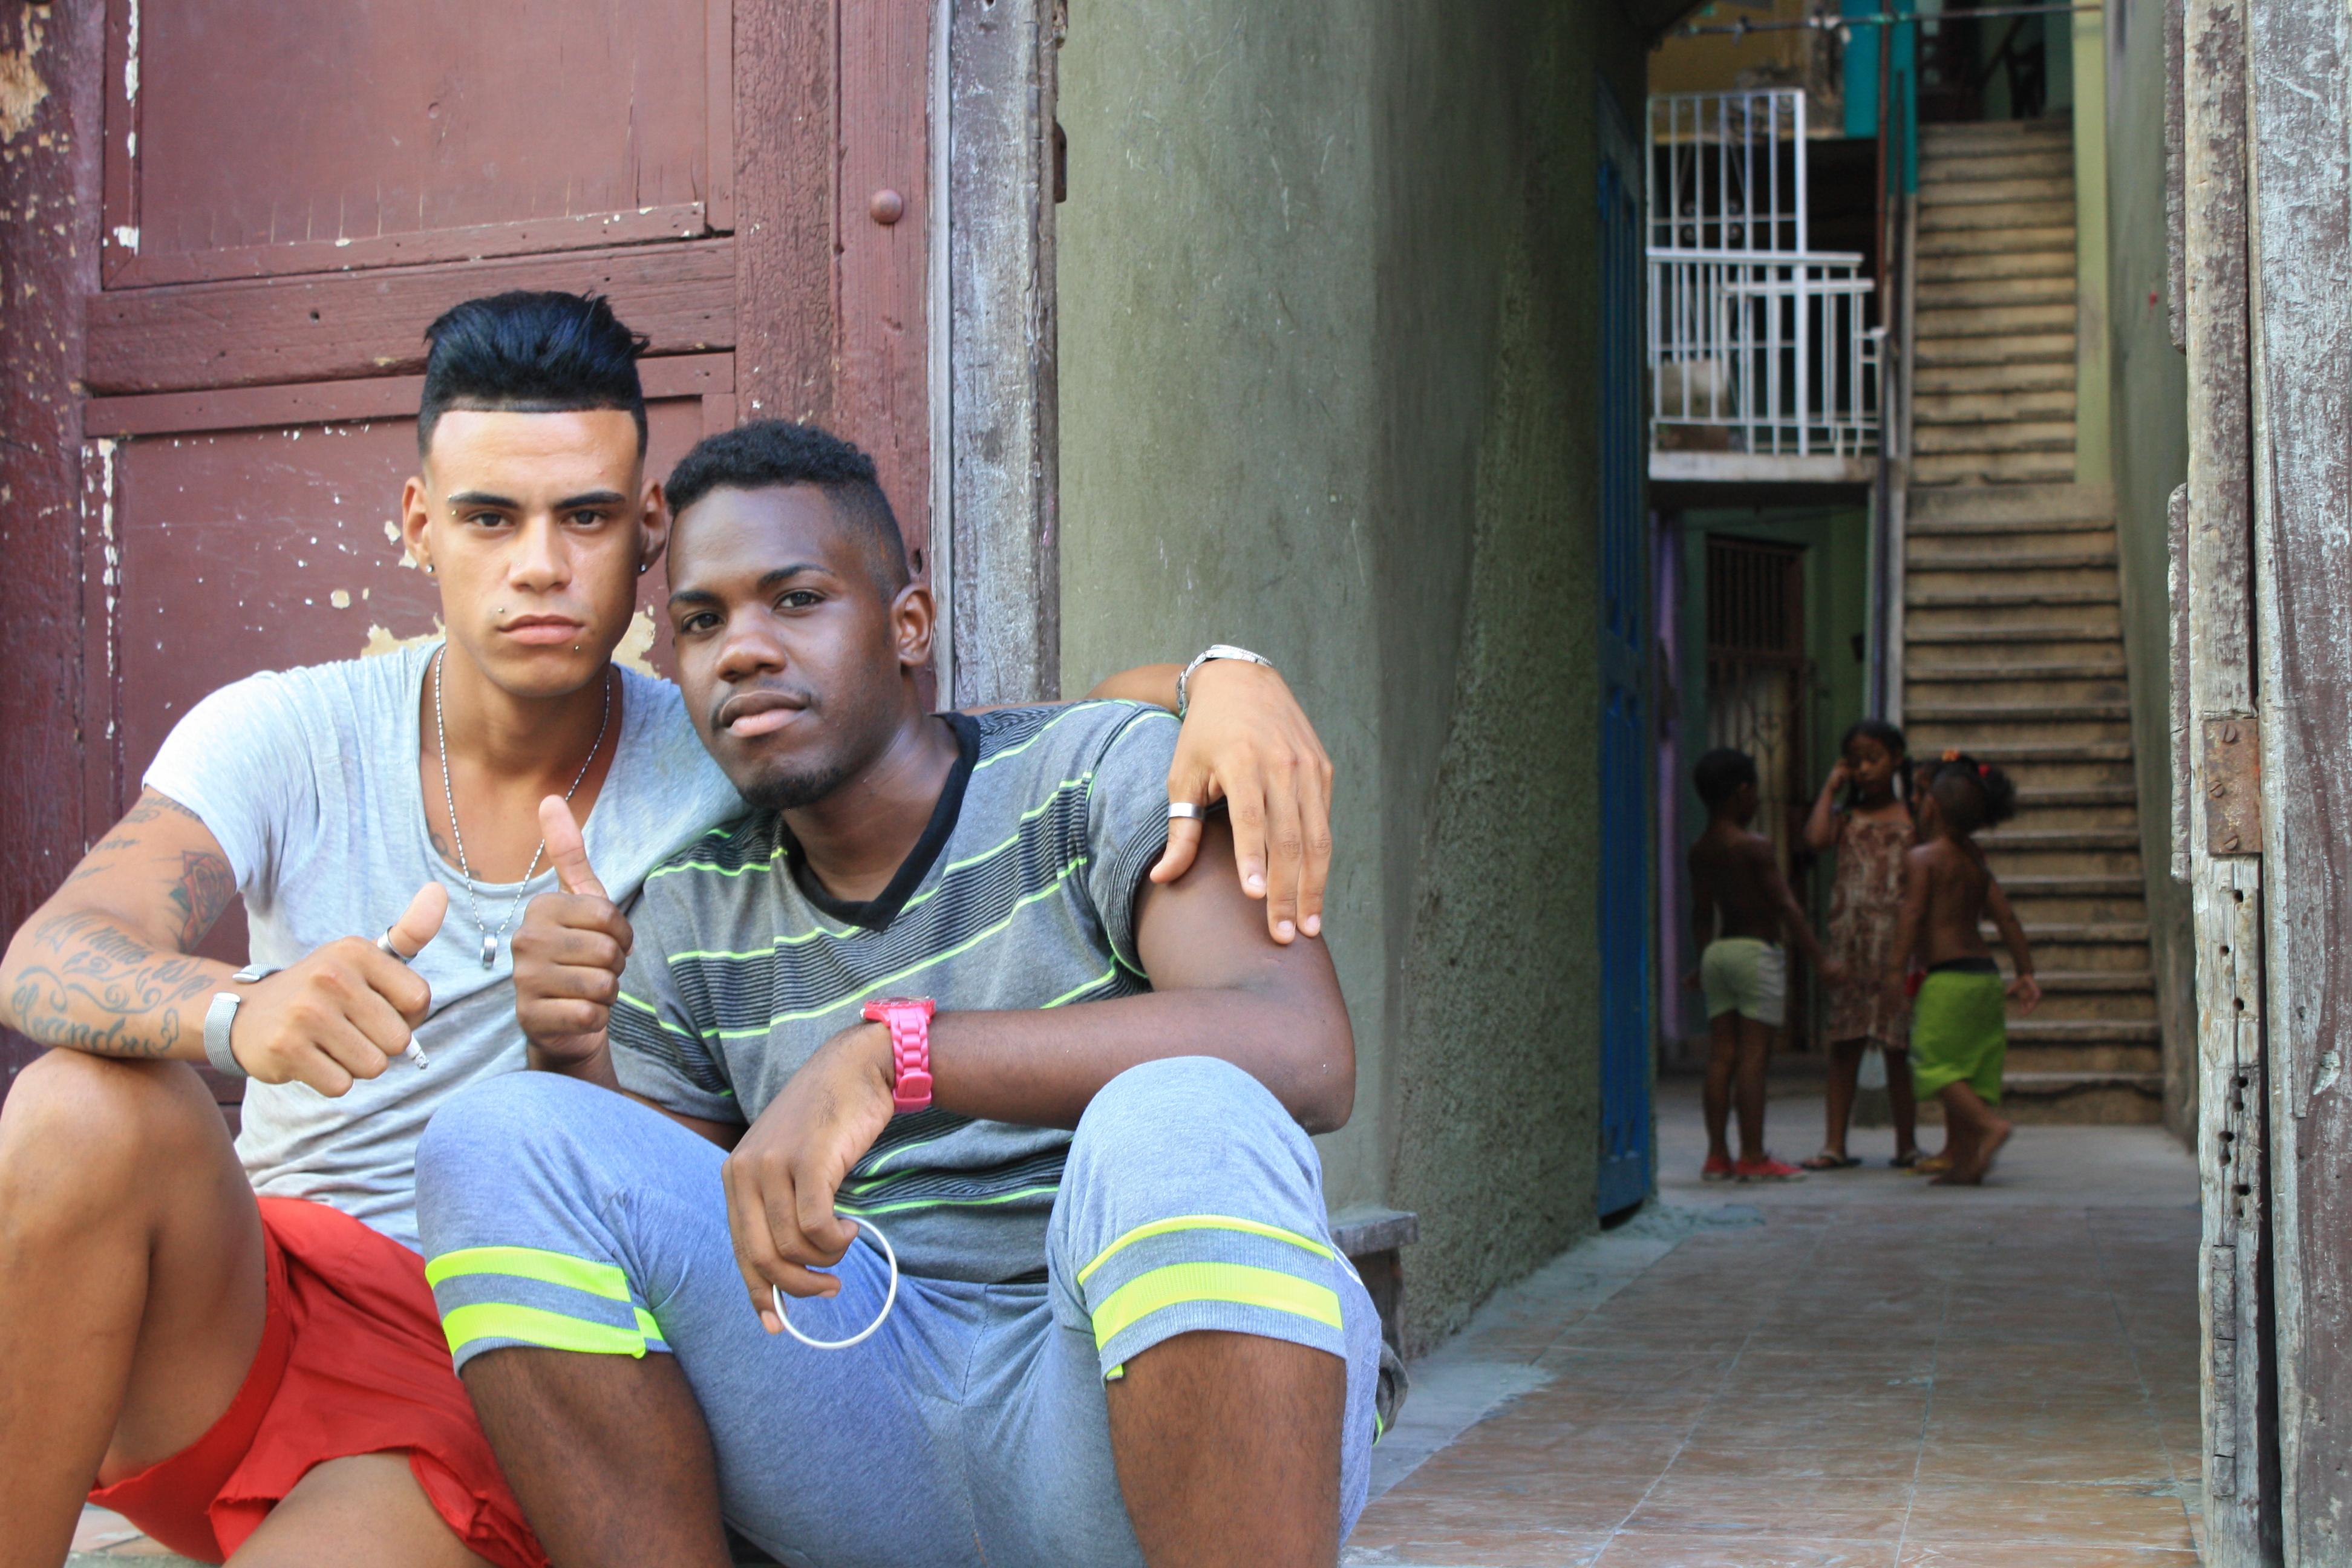 Фото молодых людей обыкновенных мужчин есть блиндаж